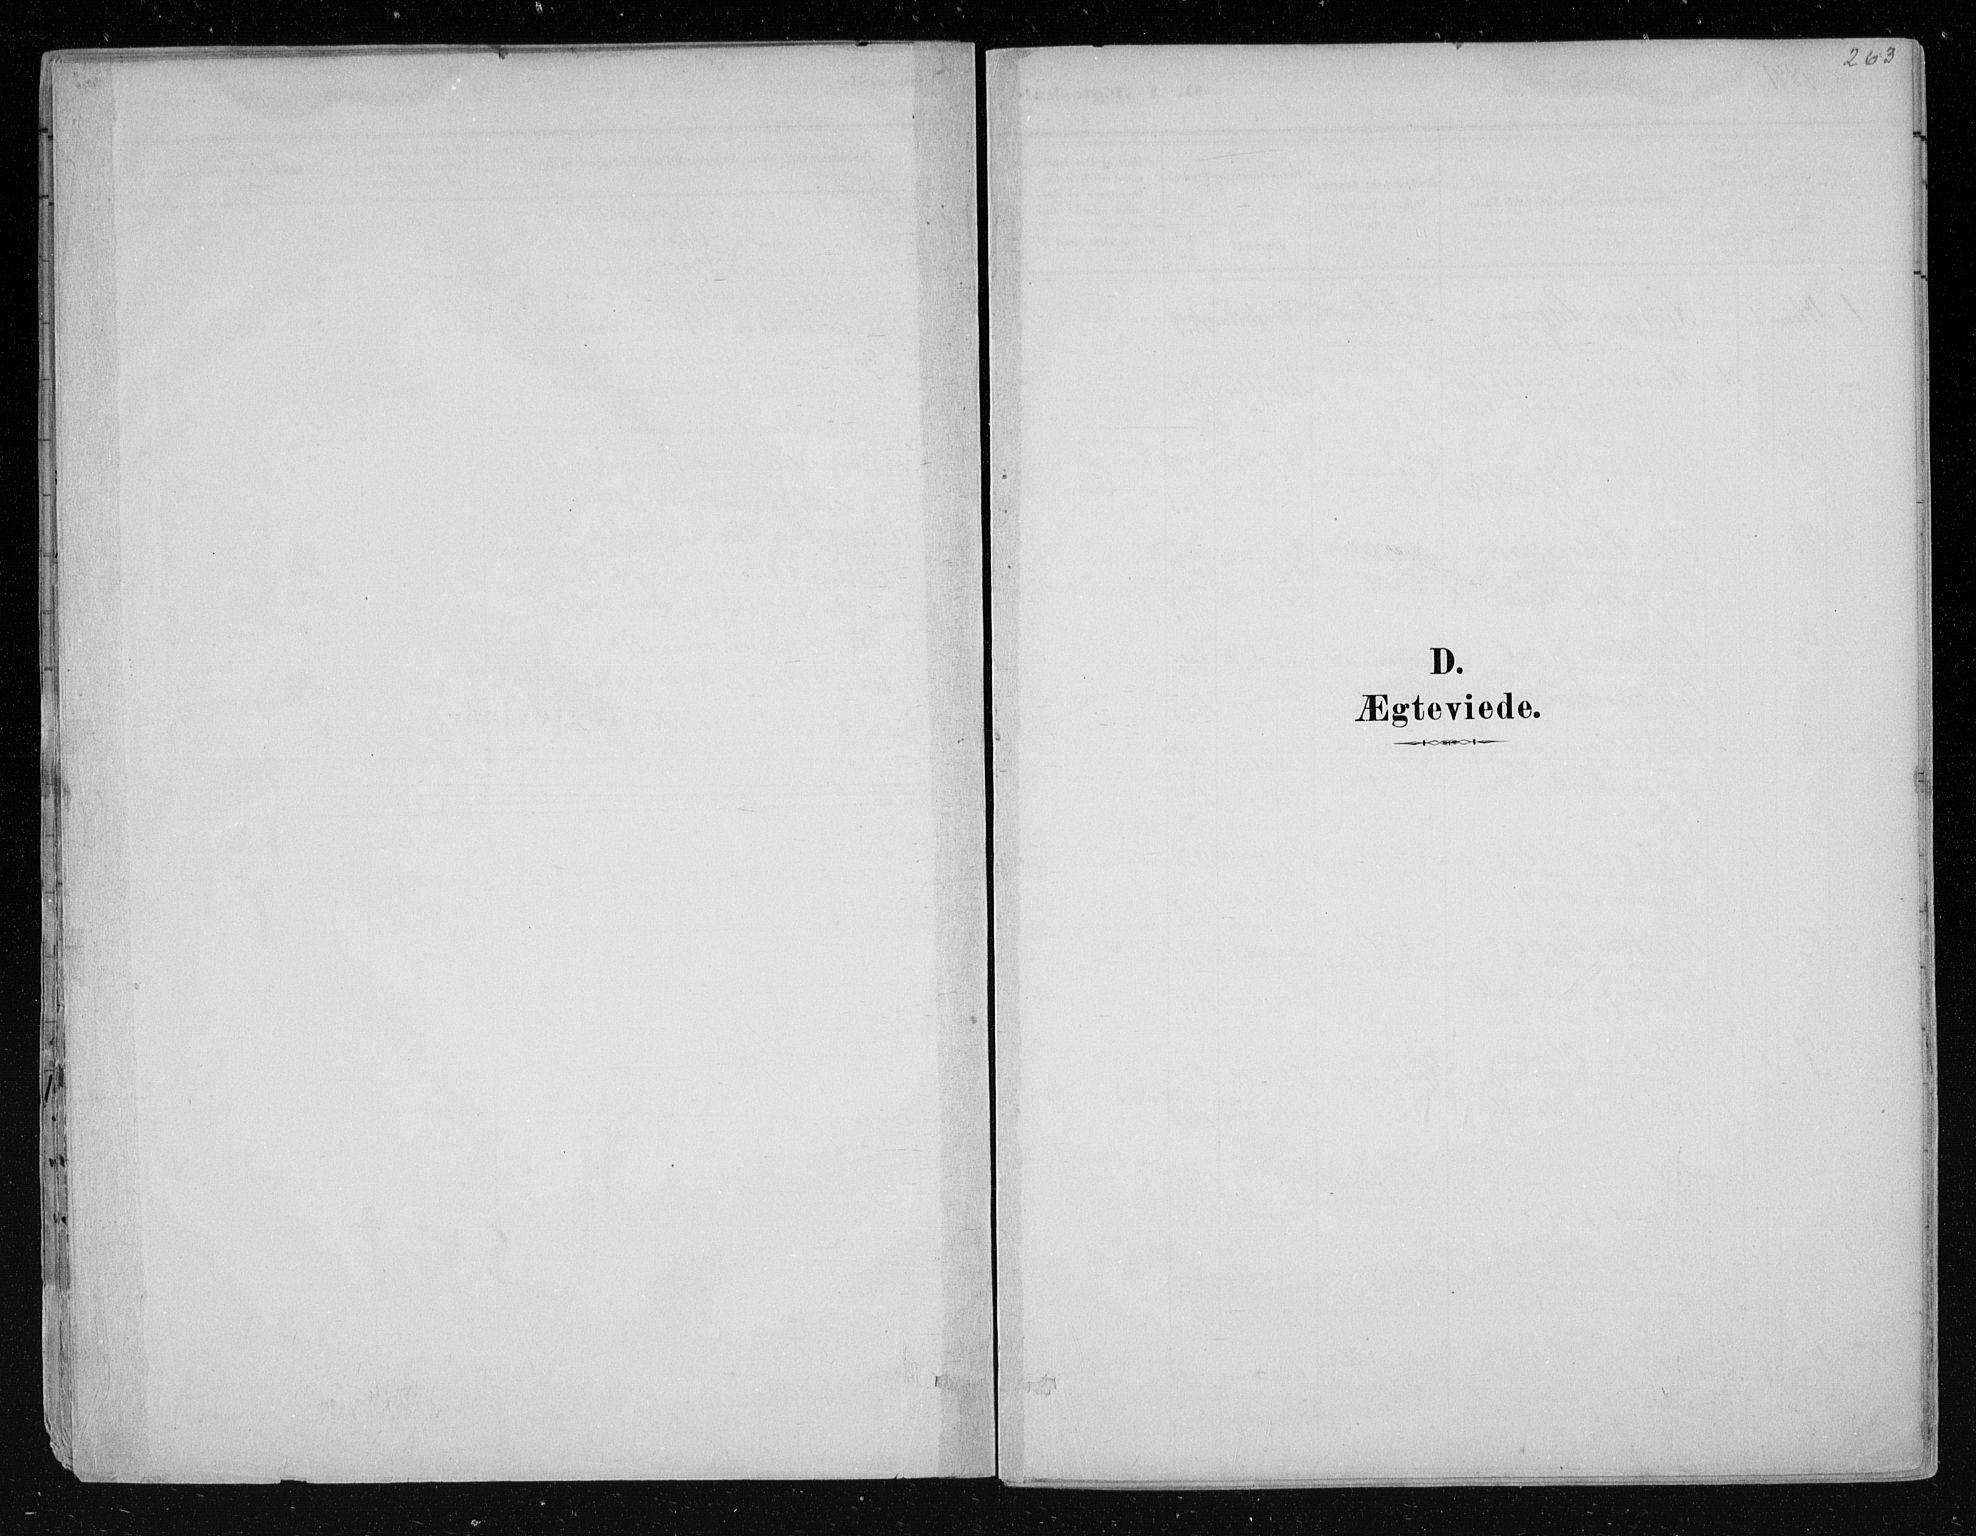 SAKO, Nes kirkebøker, F/Fa/L0011: Ministerialbok nr. 11, 1881-1912, s. 263